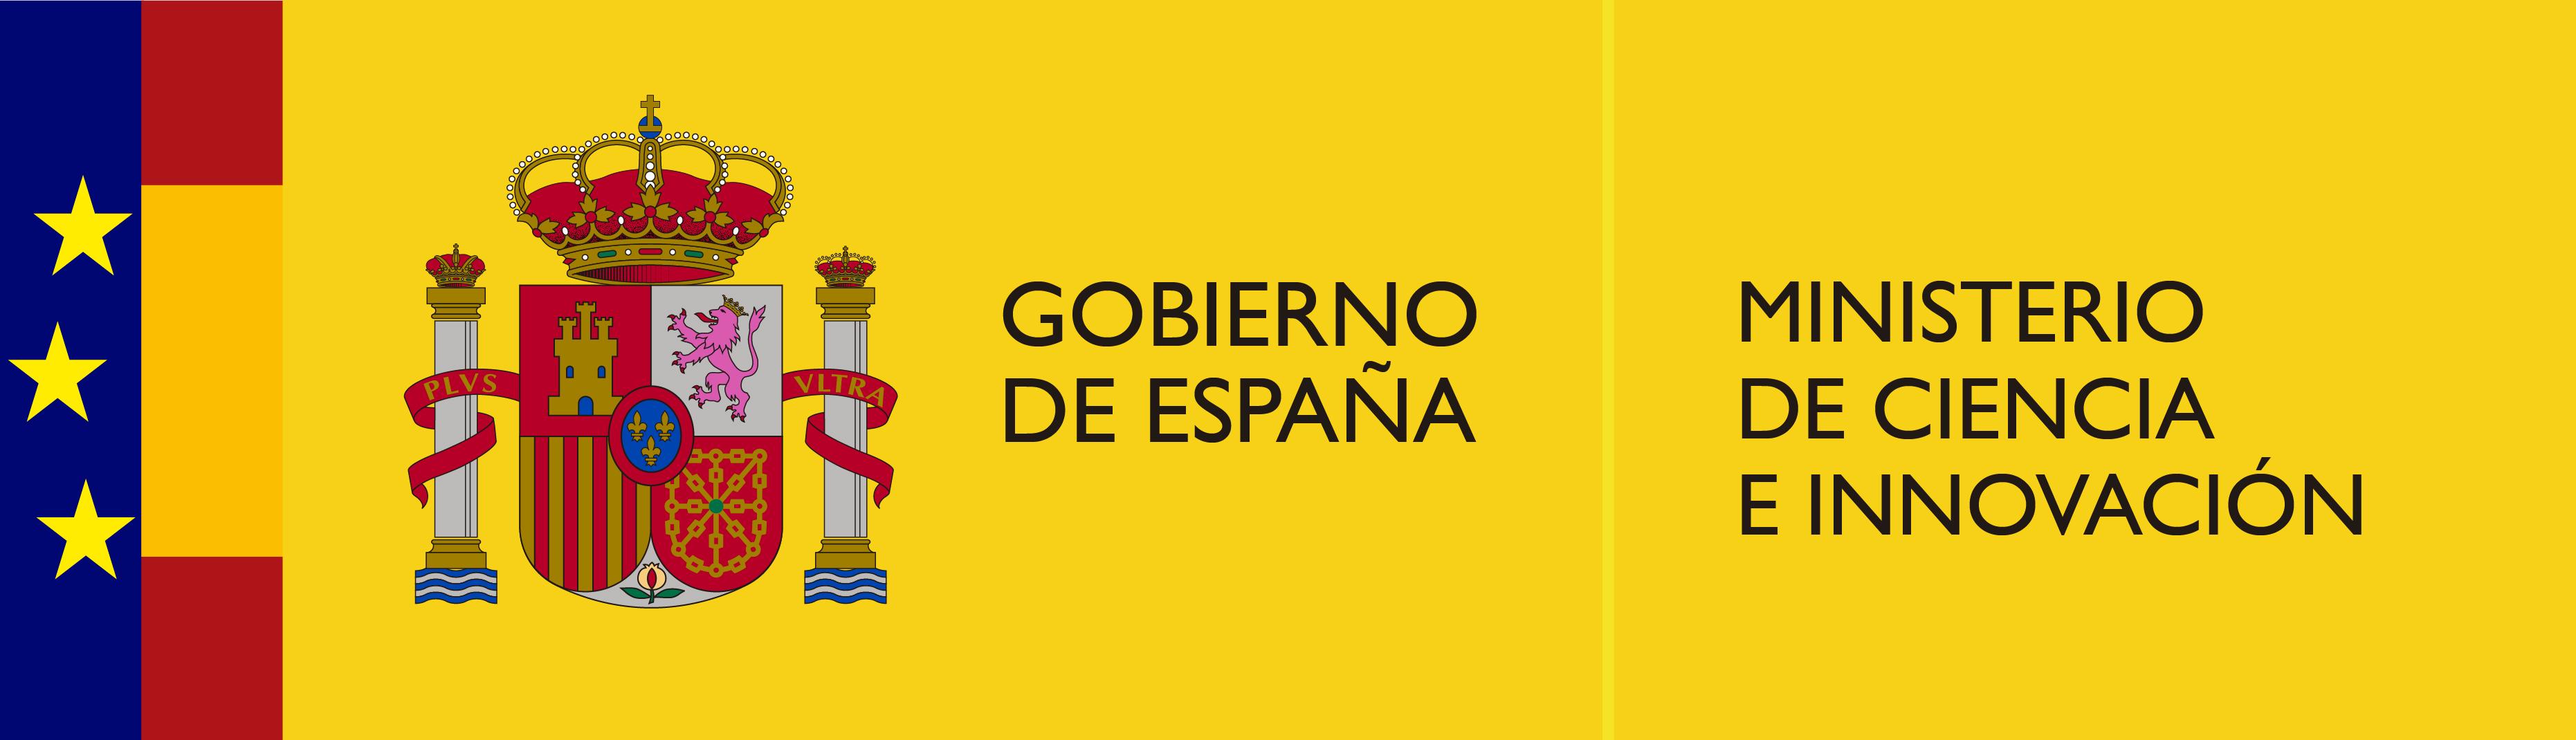 Logo Ministerio de Ciencia, Innovación y Universidades